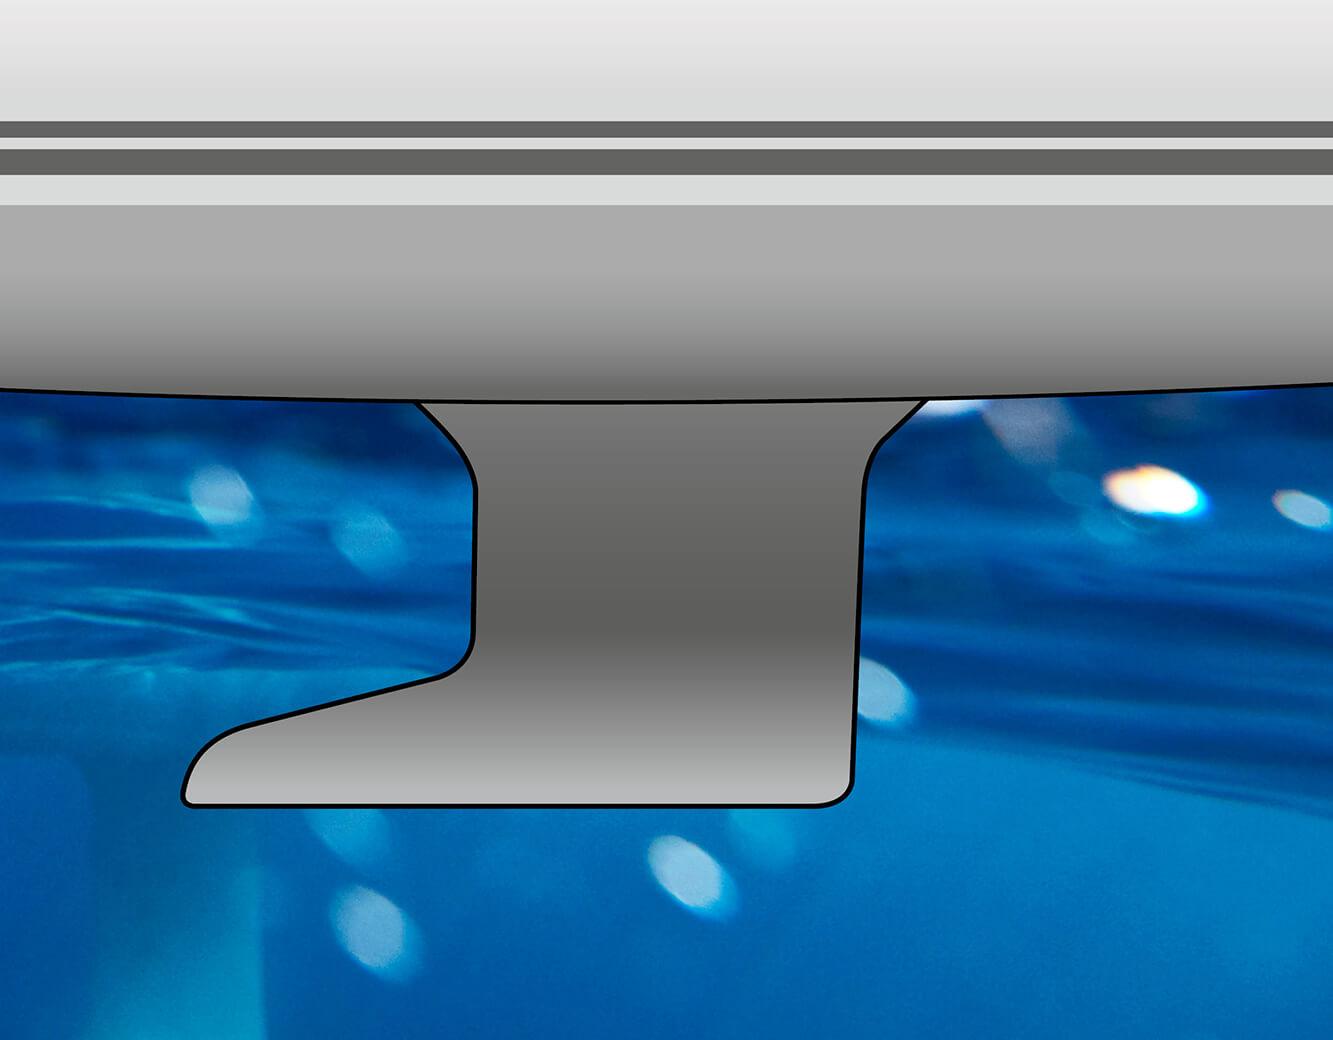 L-keel, cast iron, draft: 1.85 m